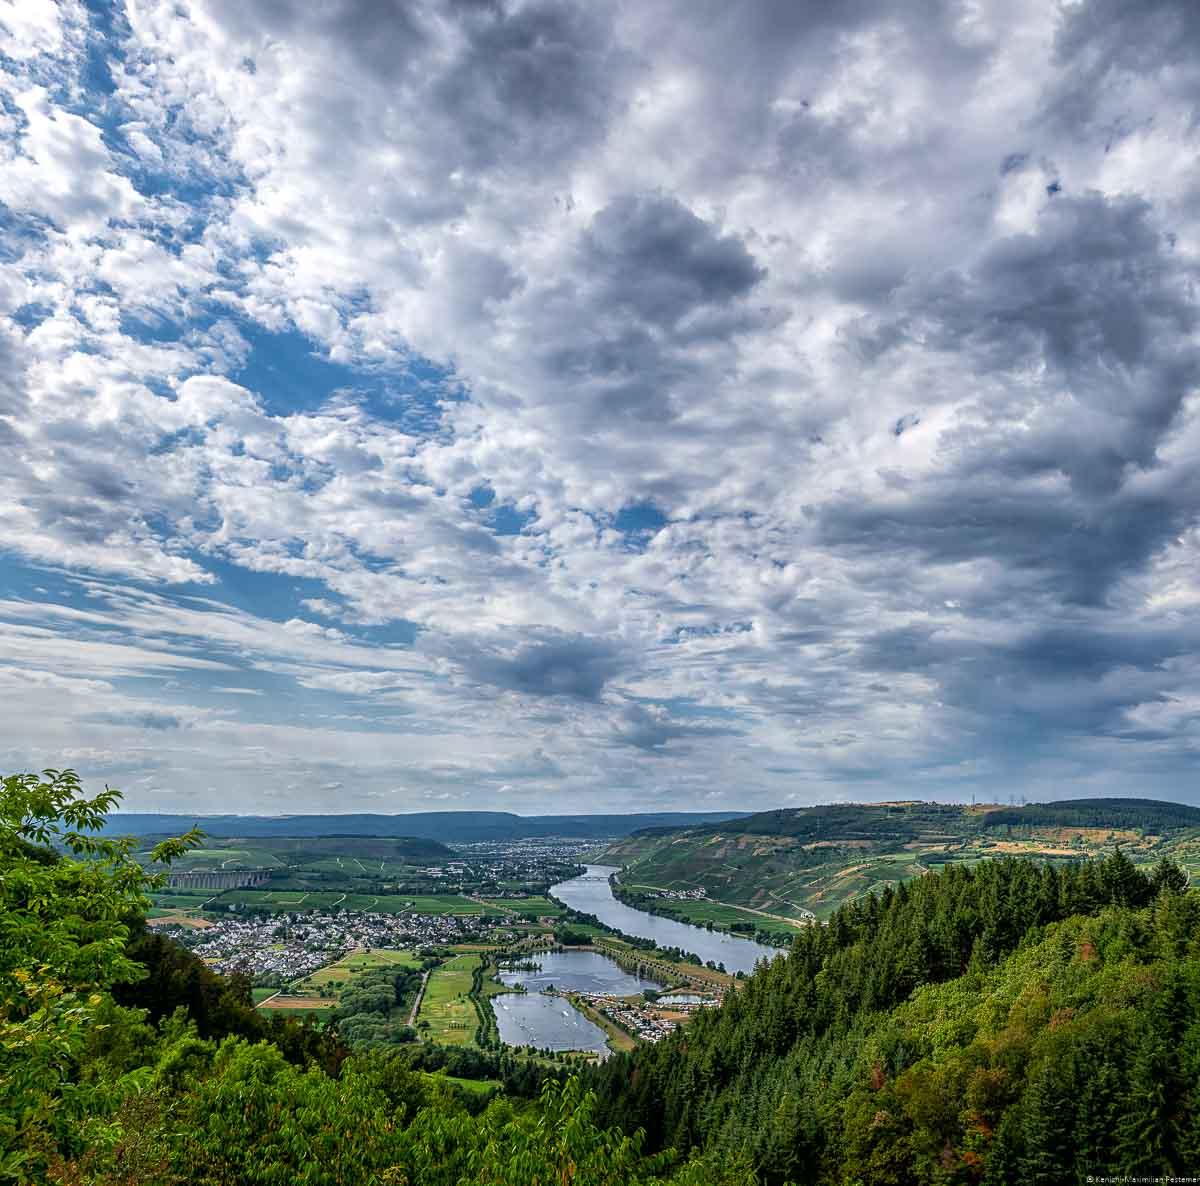 Ausblick vom Mittelgebirge des Hunsrück auf Moseltal und die Weinberge. Es ist der Fünfseenblick an der Mittelmosel. Man blickt auch die Orte Riol und Longuich. Am Himmel sind Wolken.